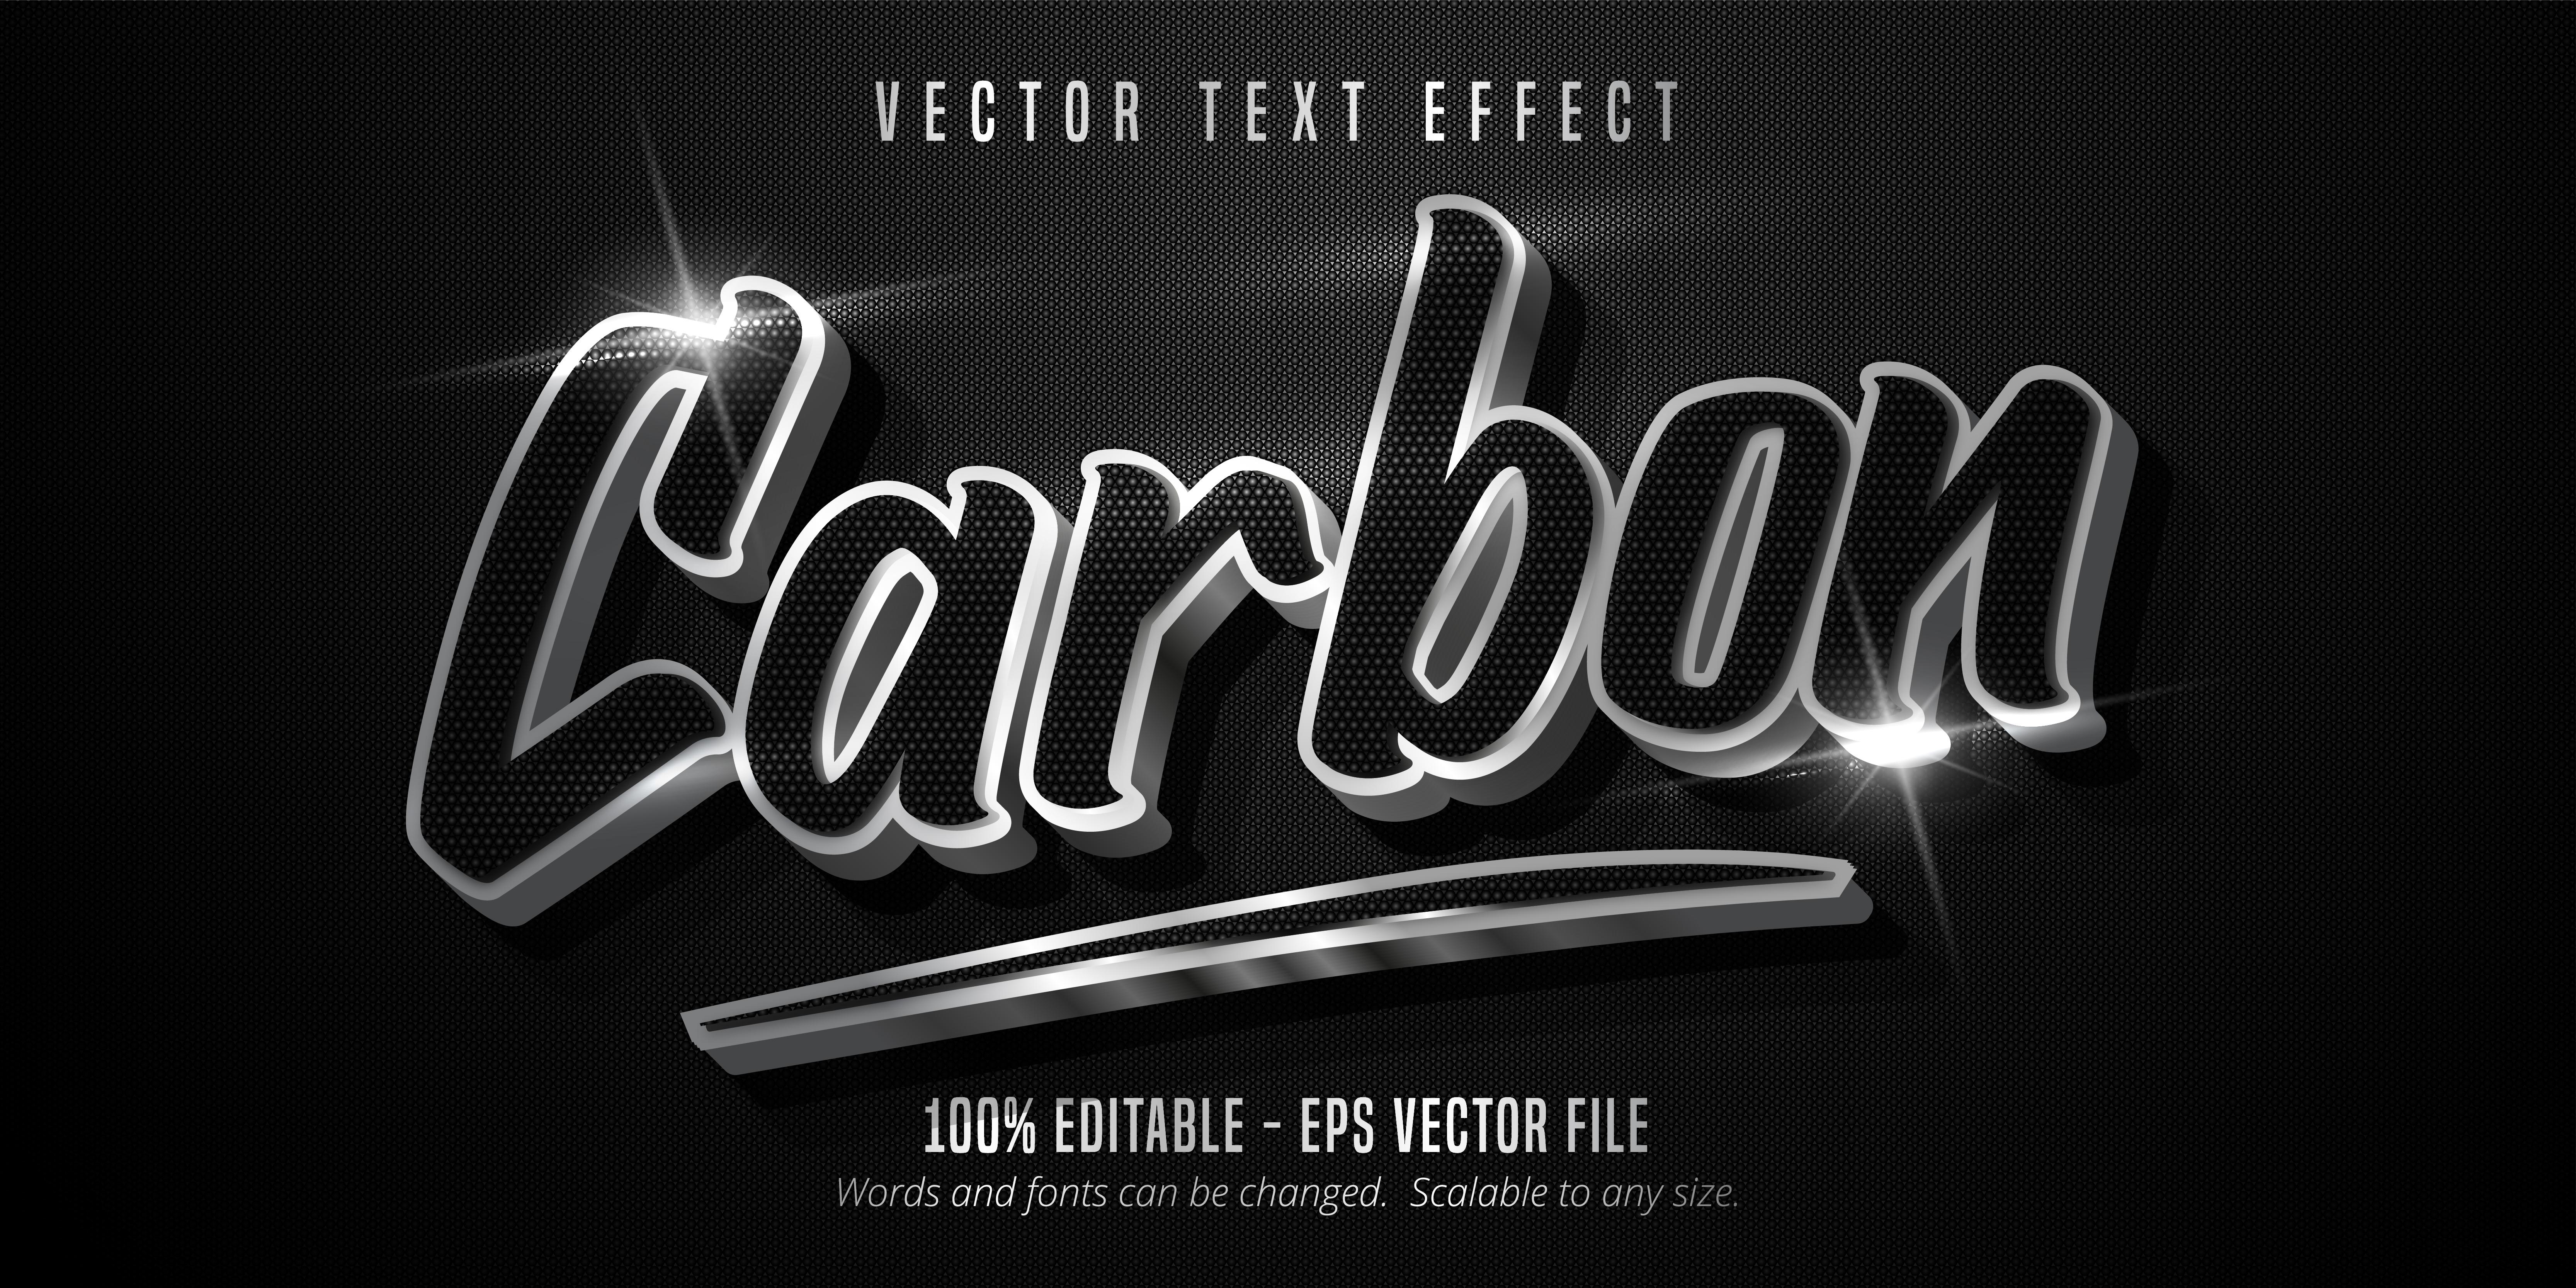 texto de carbono, efecto de texto de estilo plateado brillante